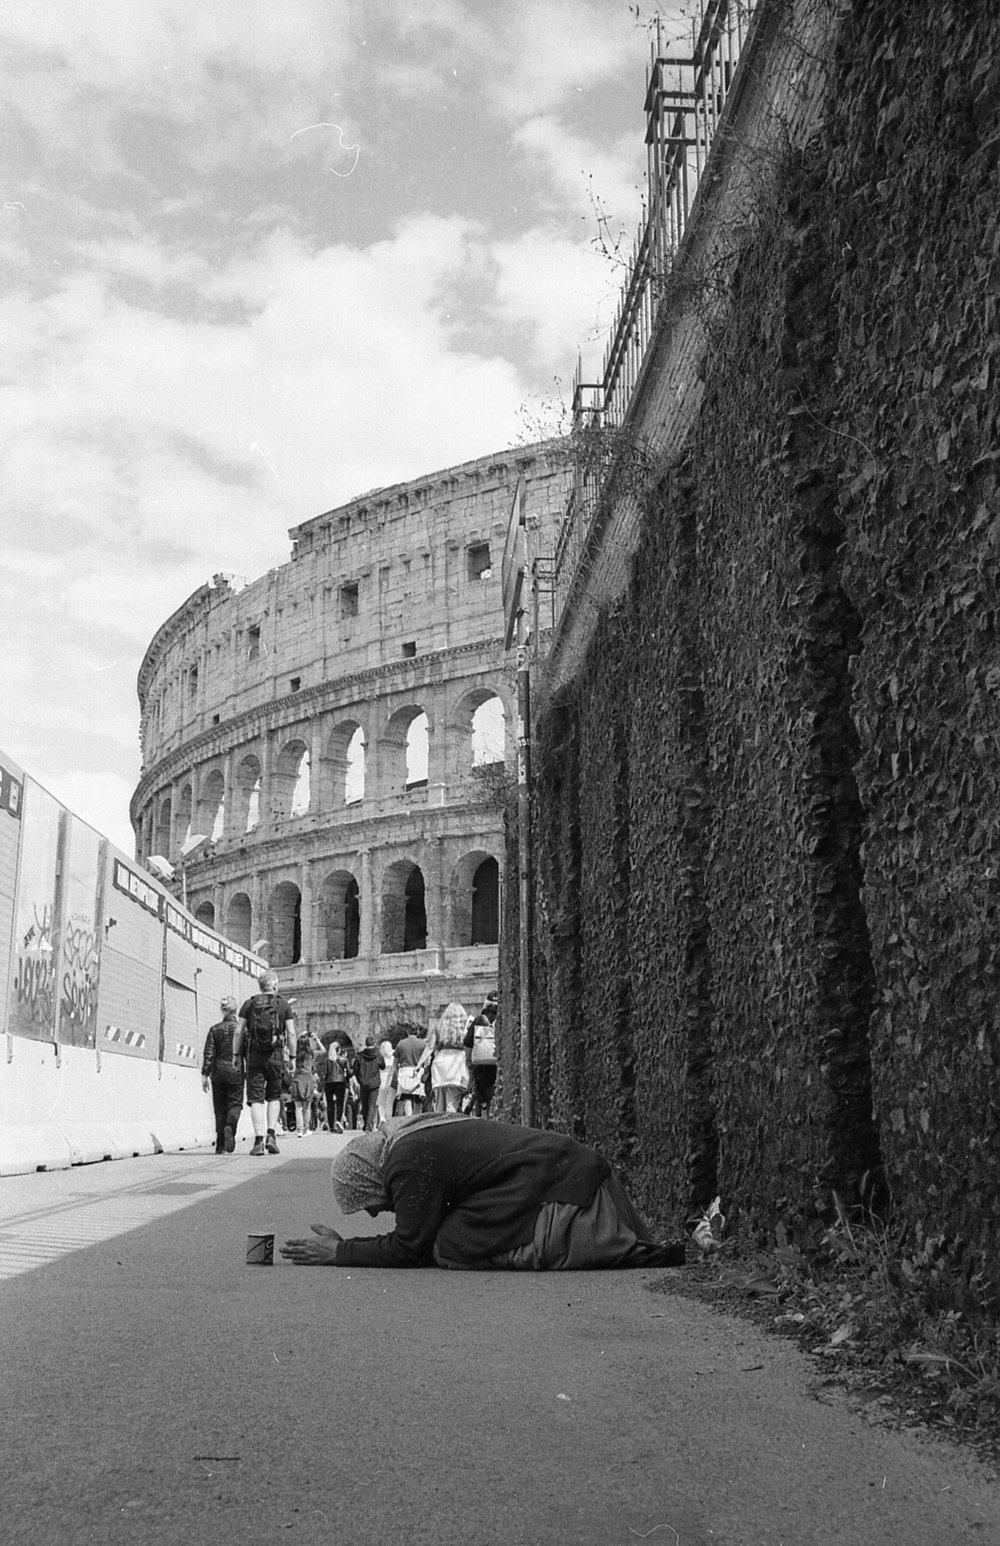 Rome, Italy, May 2018